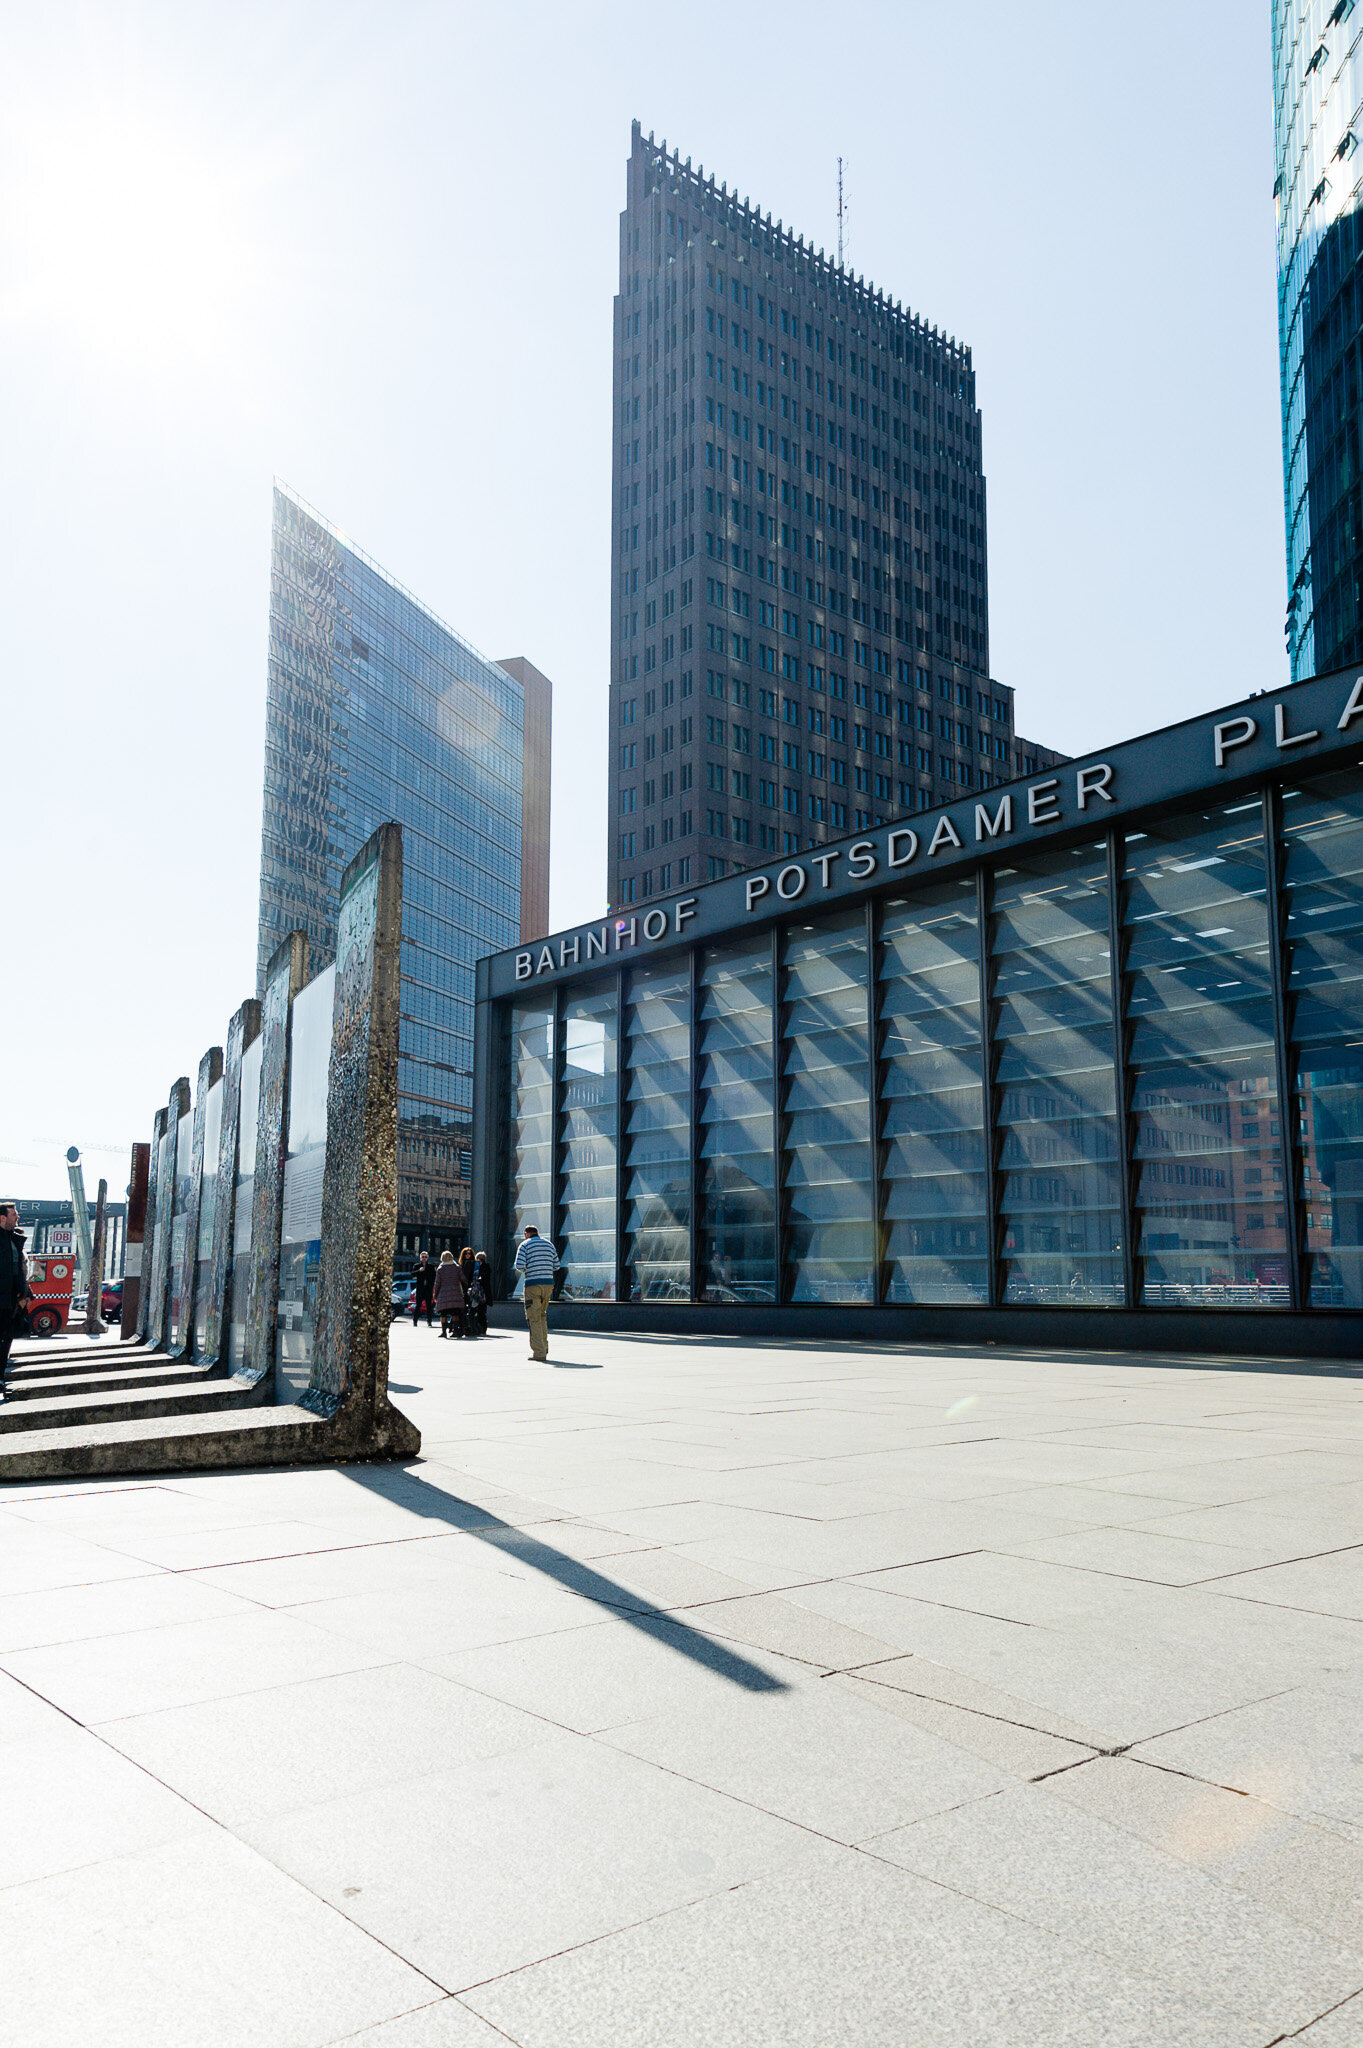 Der Bahnhof Potsdamer Platz mit Stücken der Berliner Mauer im Vordergrund mit Sicht auf den Kolhoff Tower und den Deutsche Bahn Turm am Sony Center.